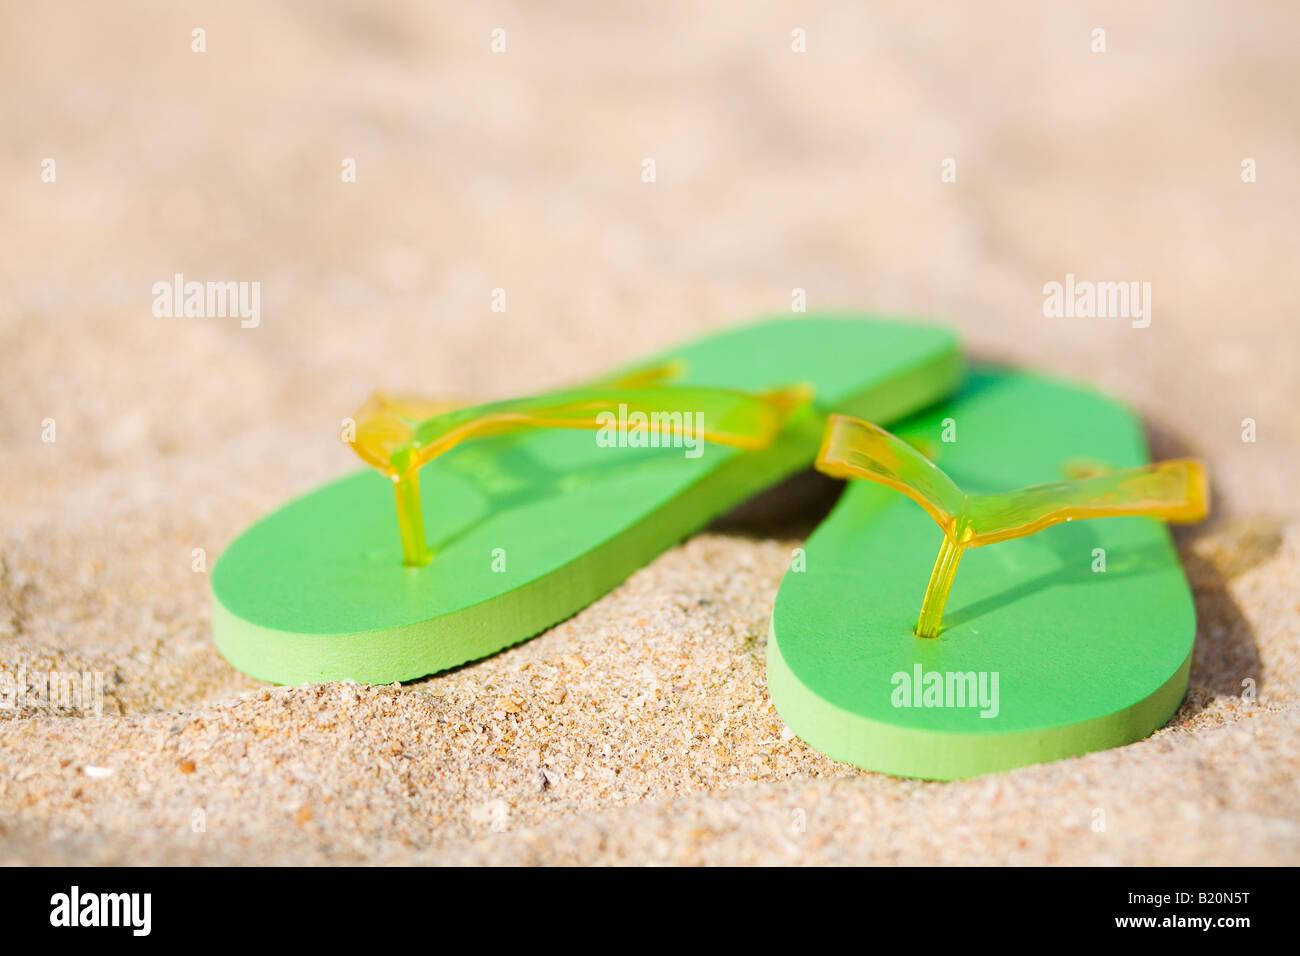 Paar grüne Flip flops am Strand. Stockbild